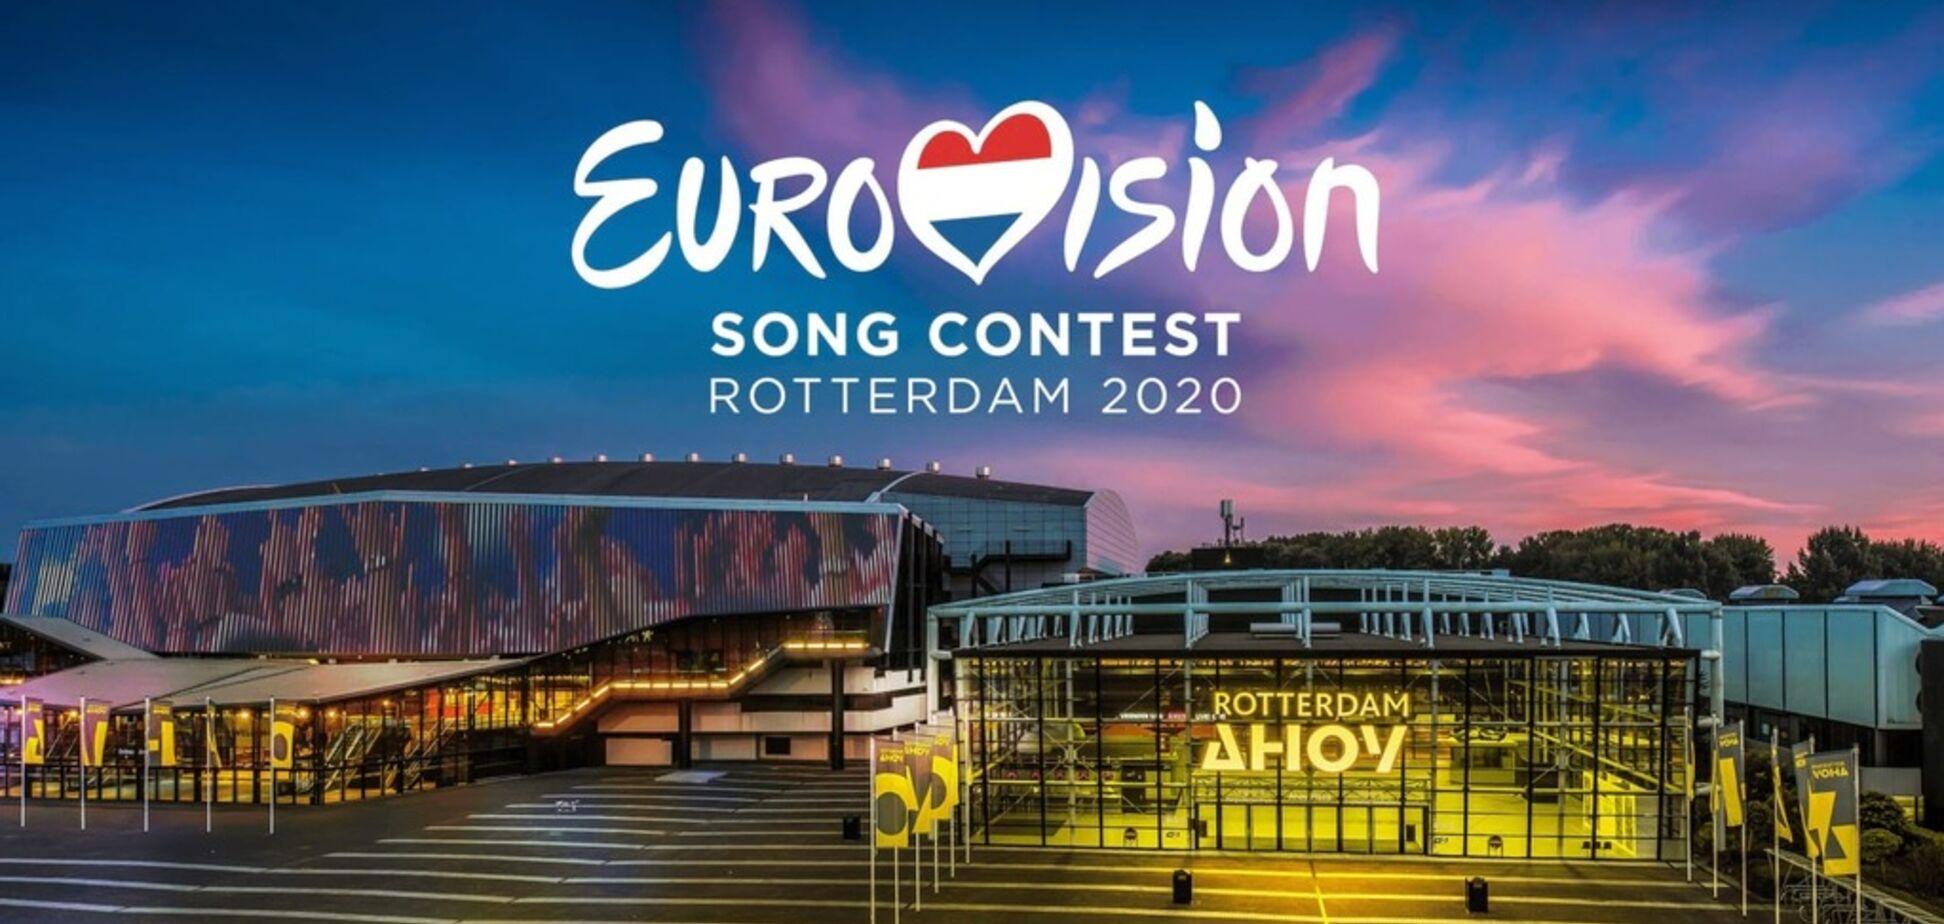 Євробачення-2020: кому букмекери пророкують перемогу